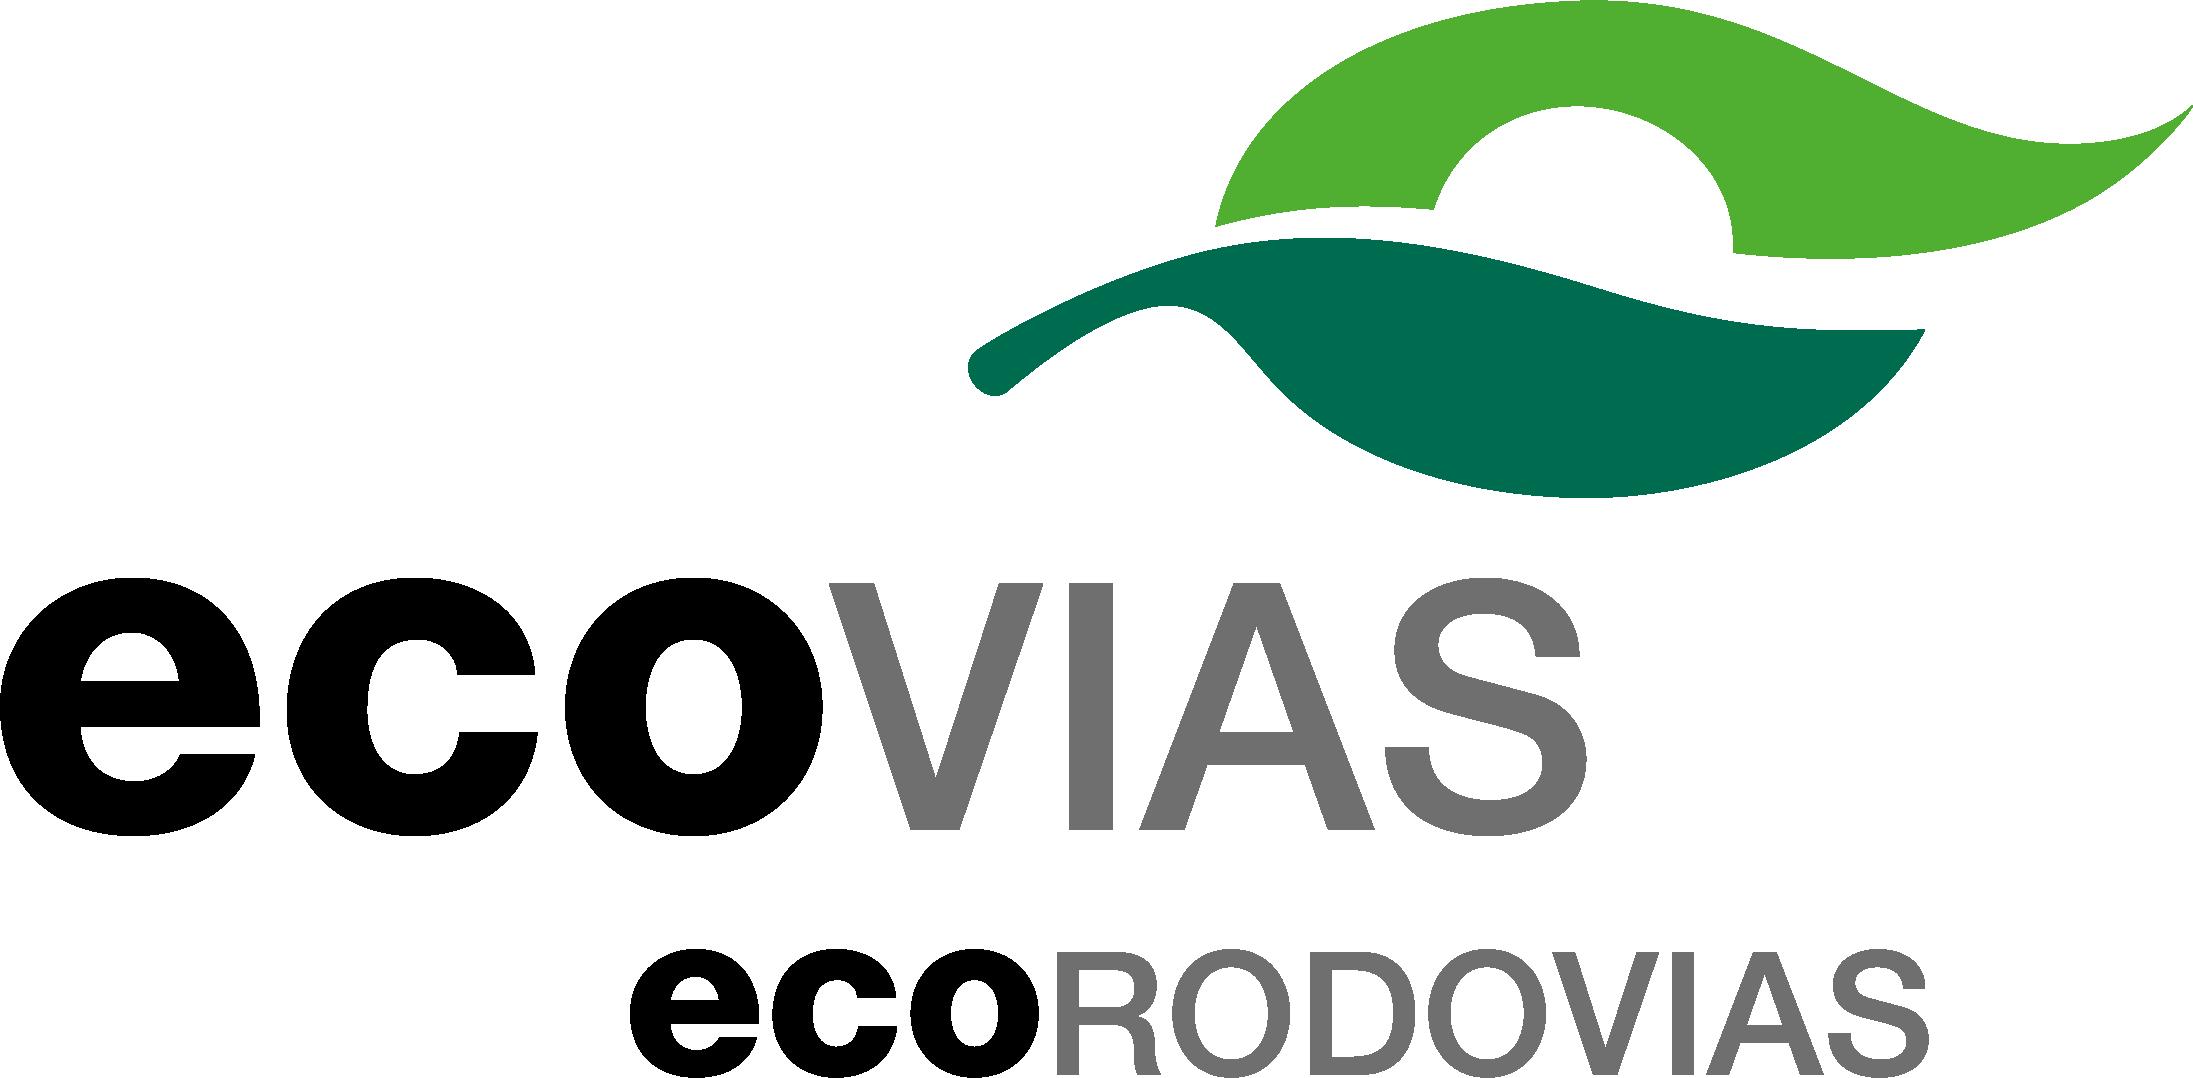 Descrição da imagem: logotipo da Ecovias